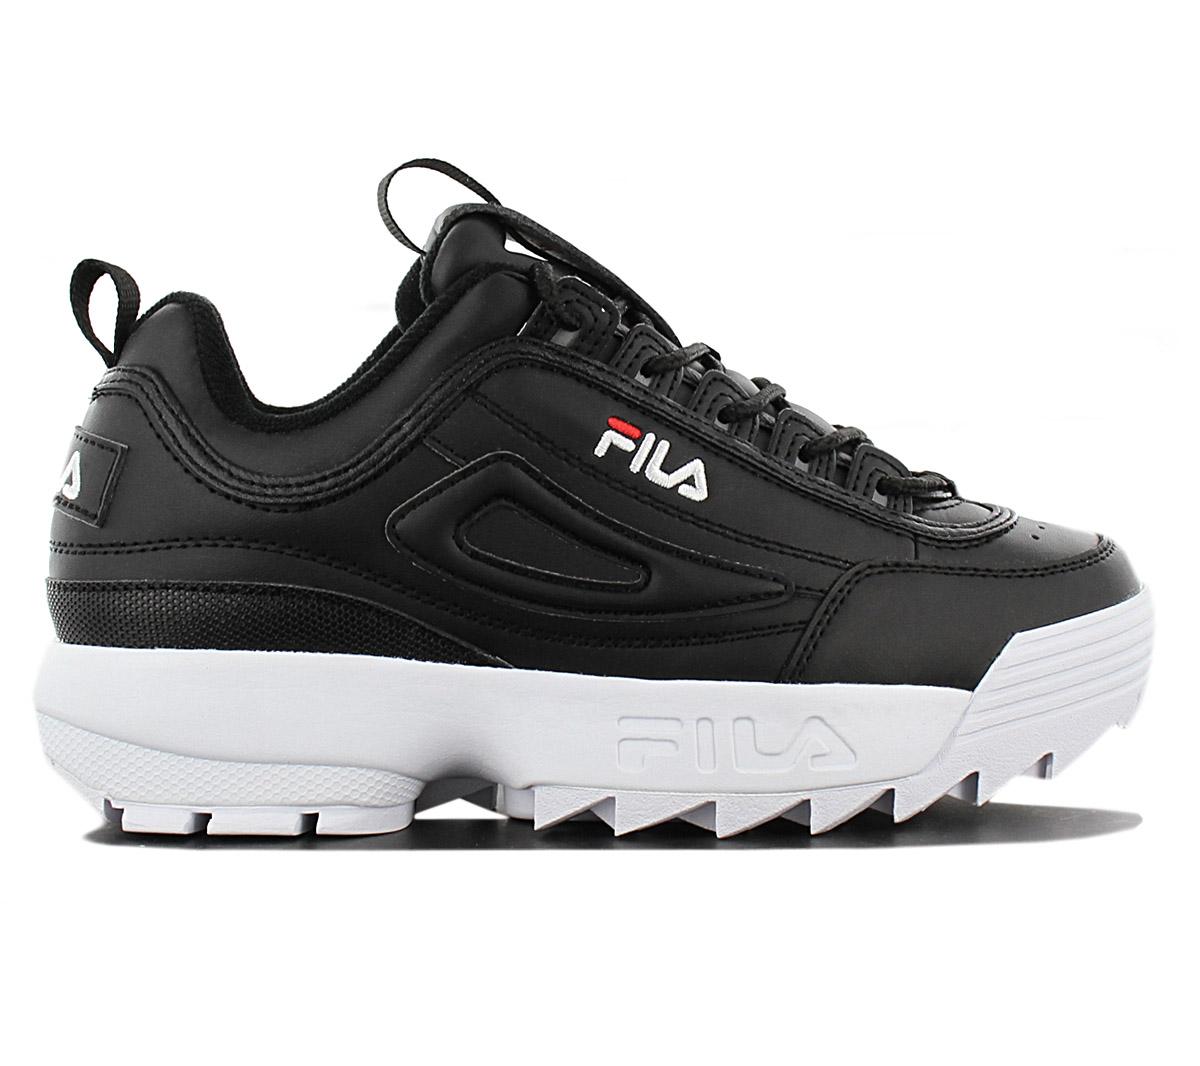 Details about Fila Disruptor Low W Women's Sneaker Shoes 1010302.25Y Black Leisure Shoe